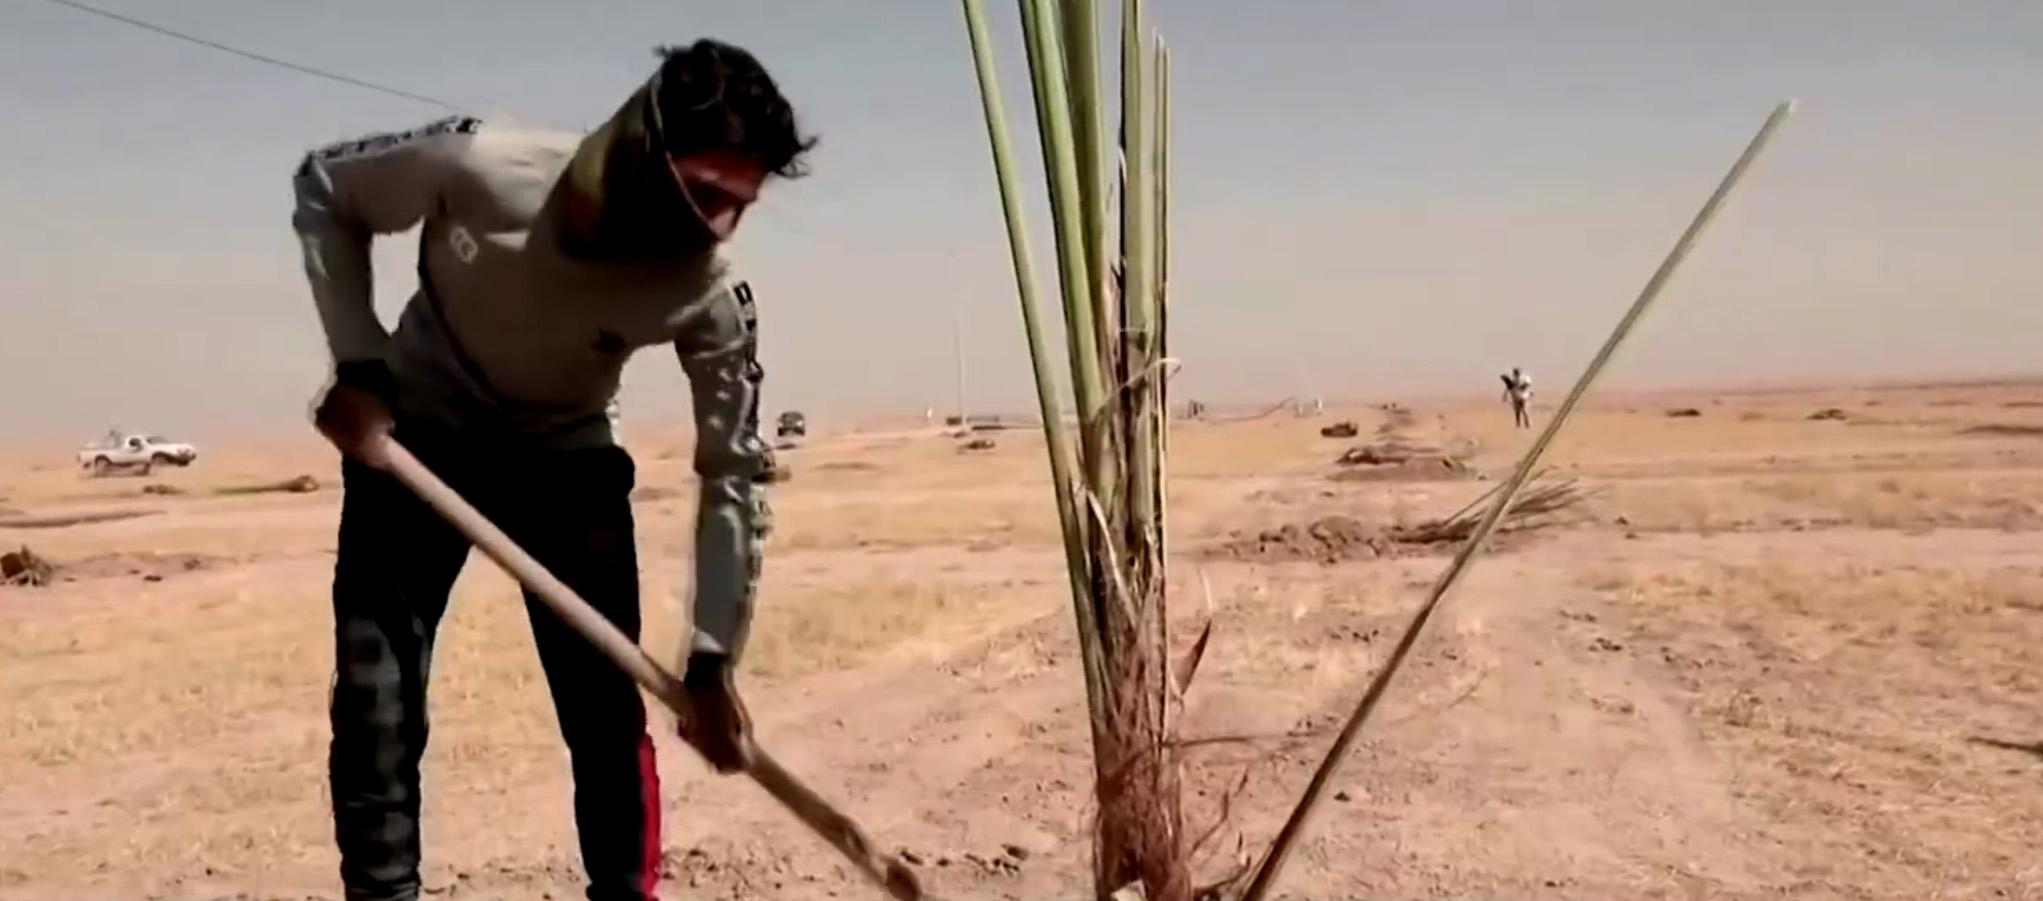 مشروع لزراعة 80000 نخلة في البصرة (فيديو)